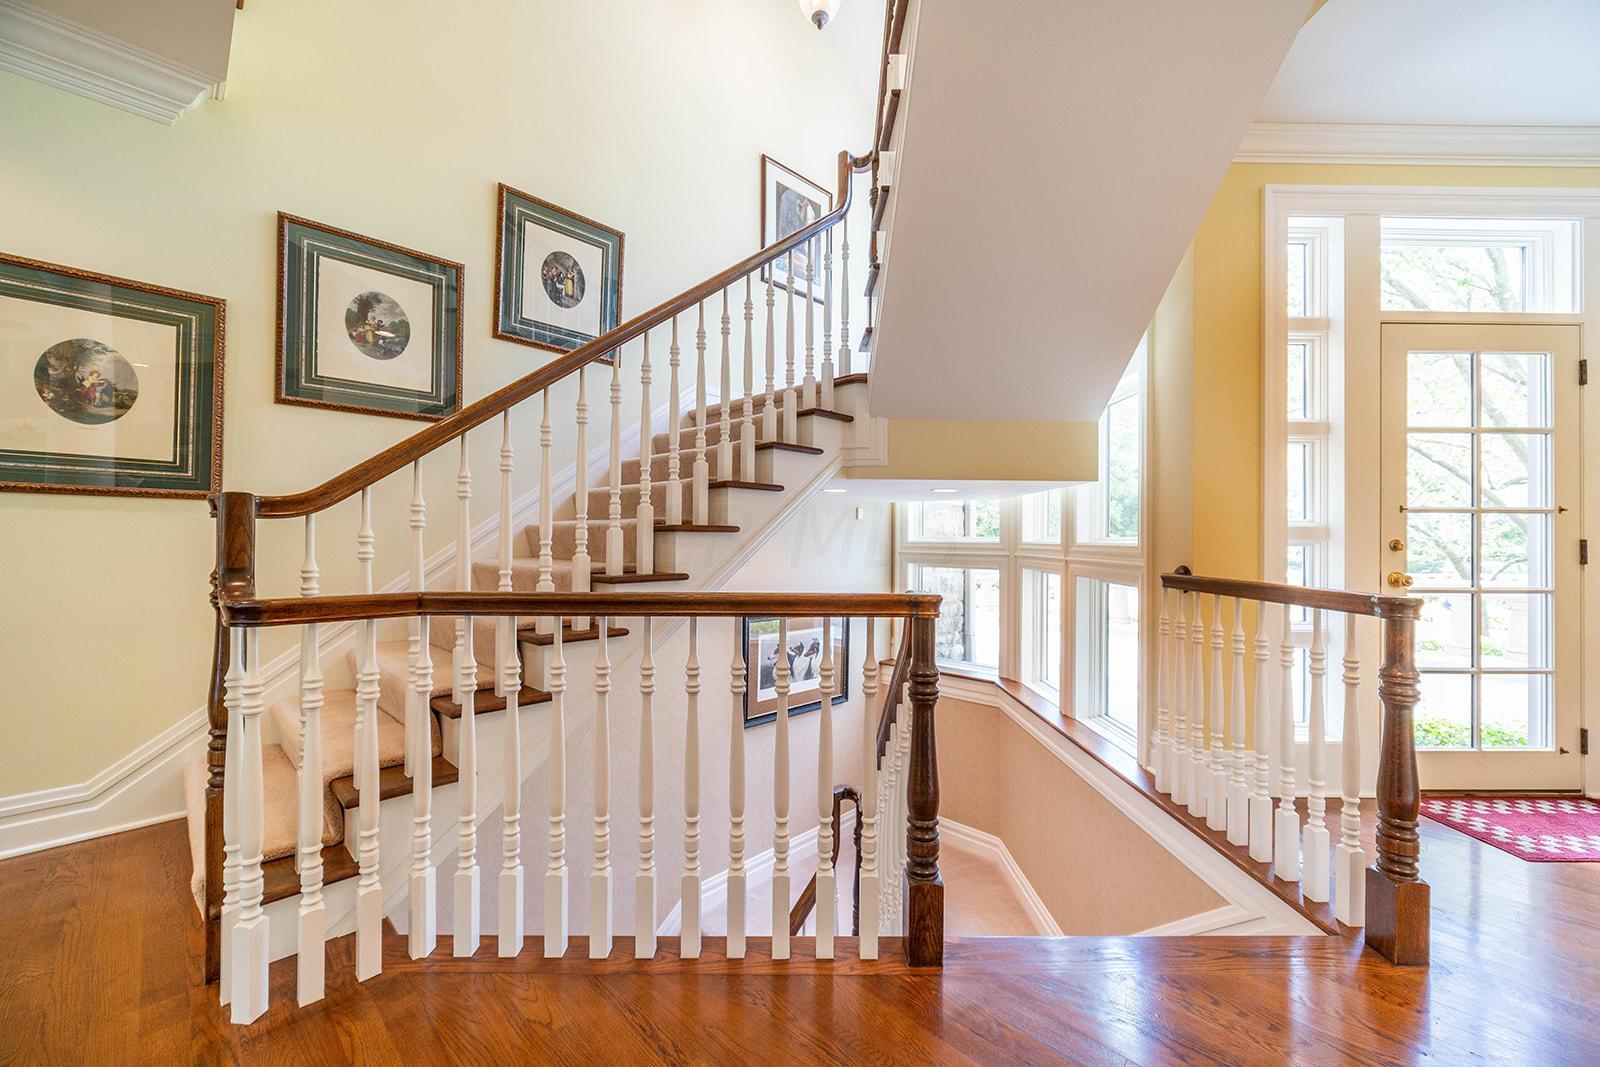 10125 Sylvian Drive, Dublin, Ohio 43017, 6 Bedrooms Bedrooms, ,10 BathroomsBathrooms,Residential,For Sale,Sylvian,220031350